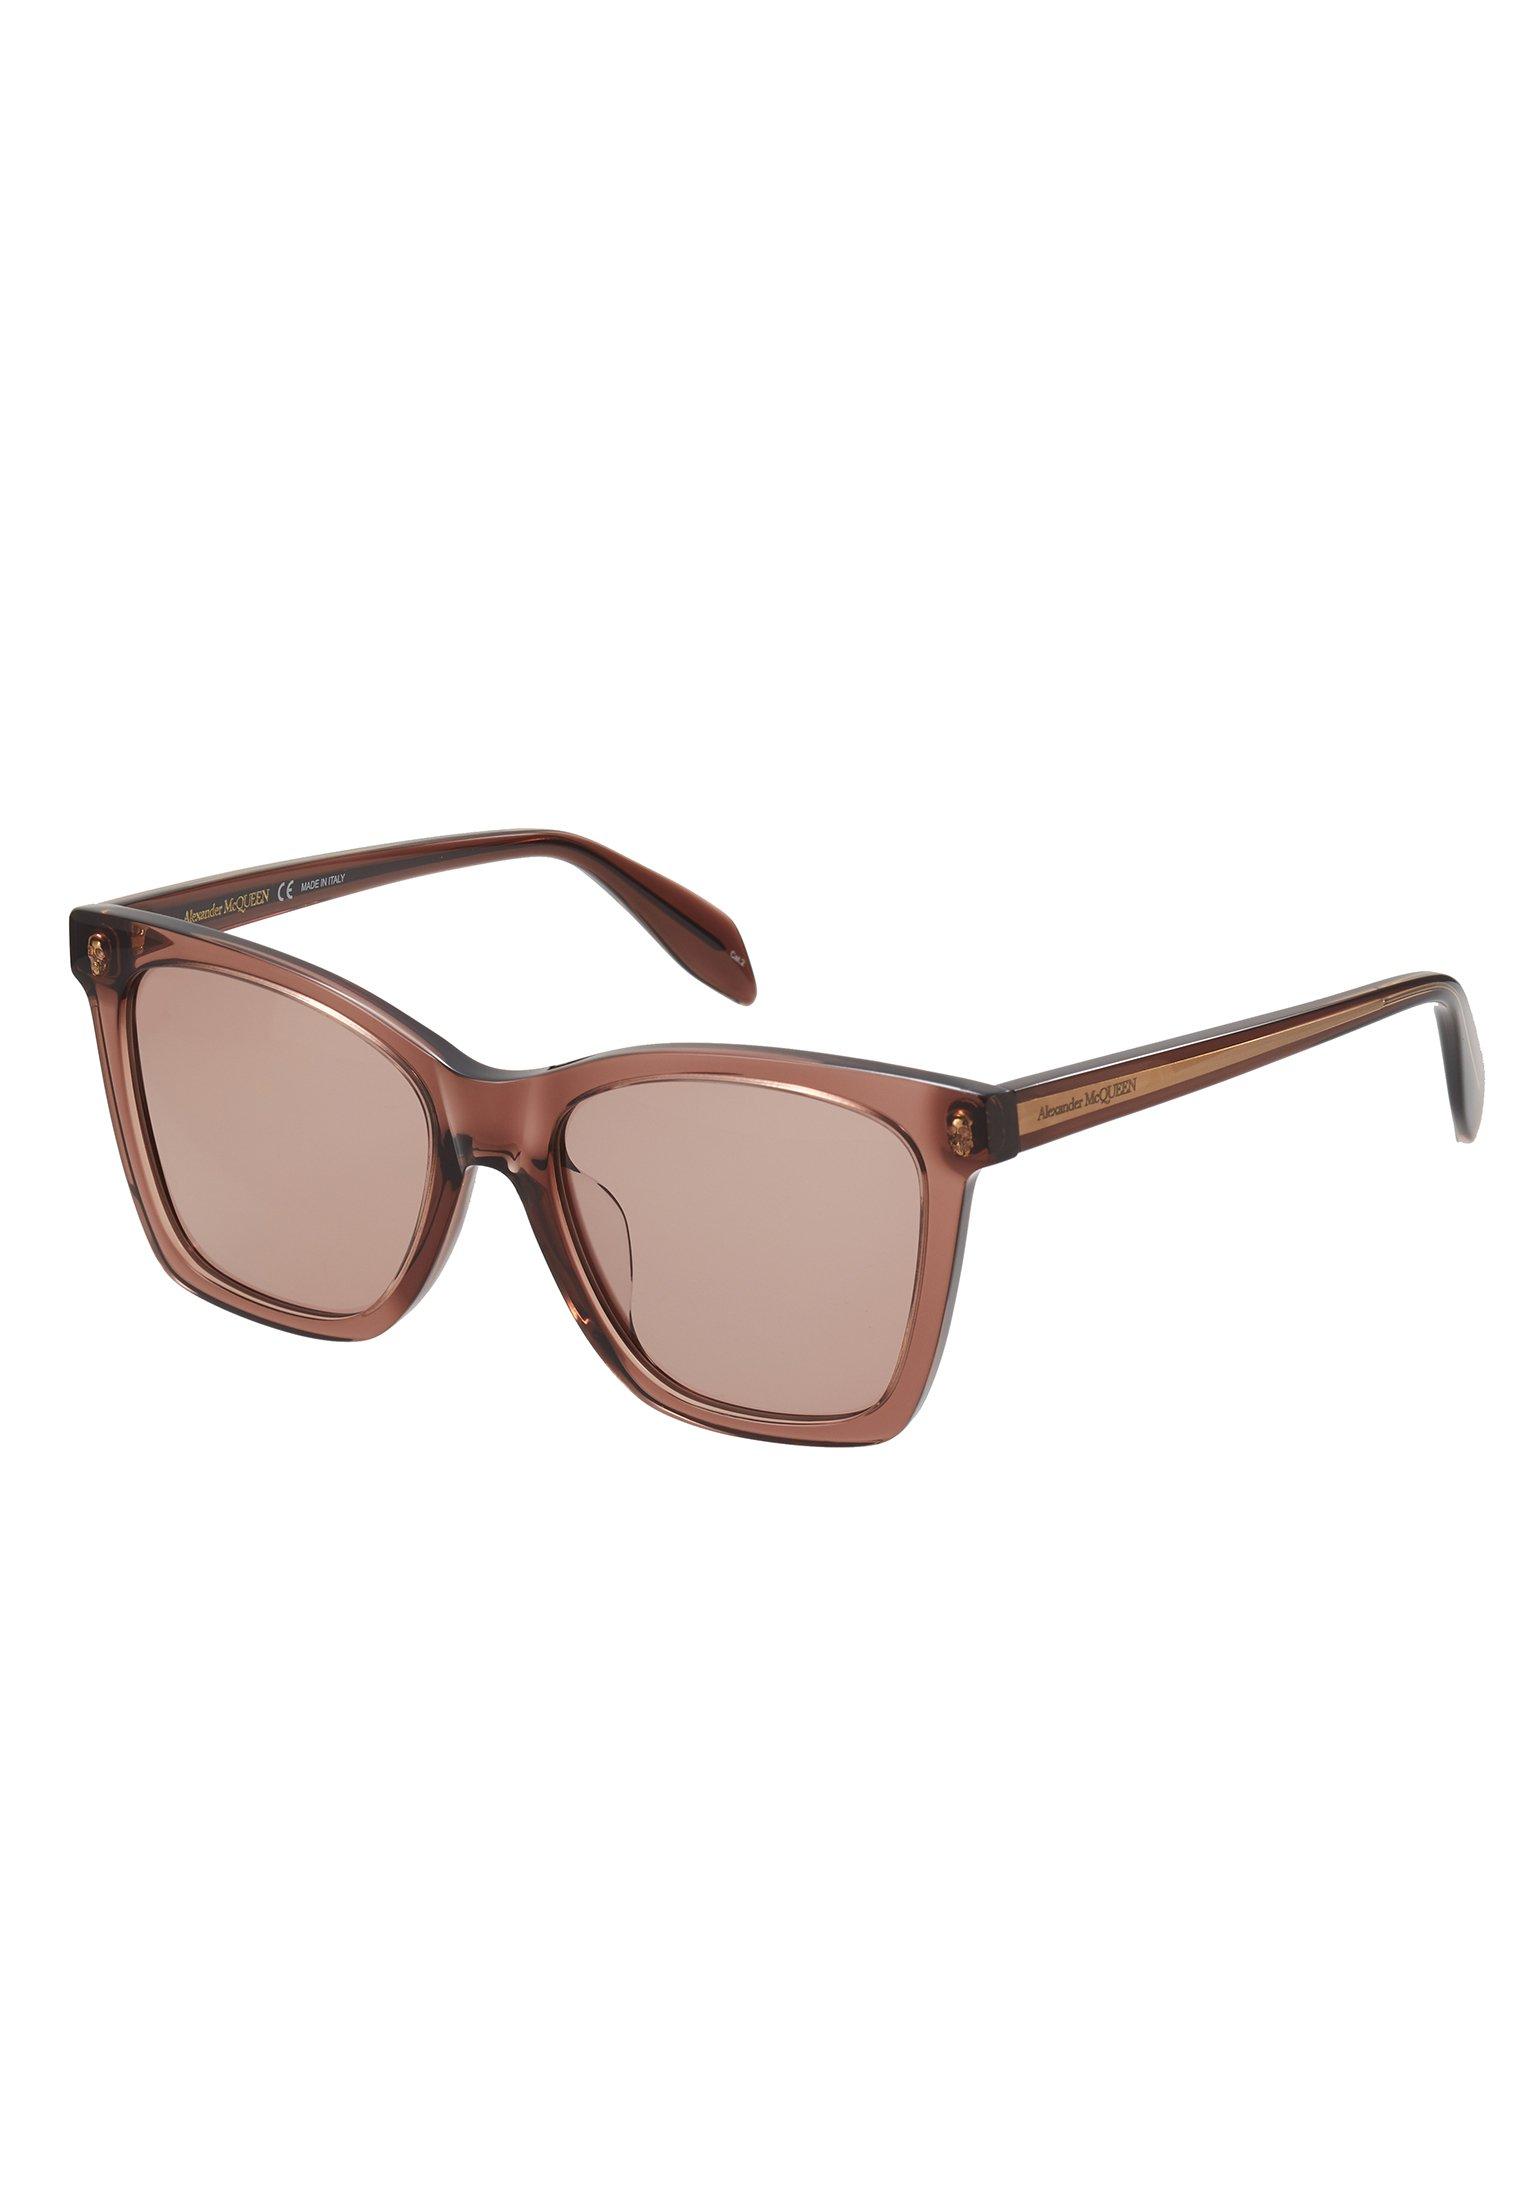 Alexander McQueen Solbriller - brown/pink/brun 02rhCytMPeawW27